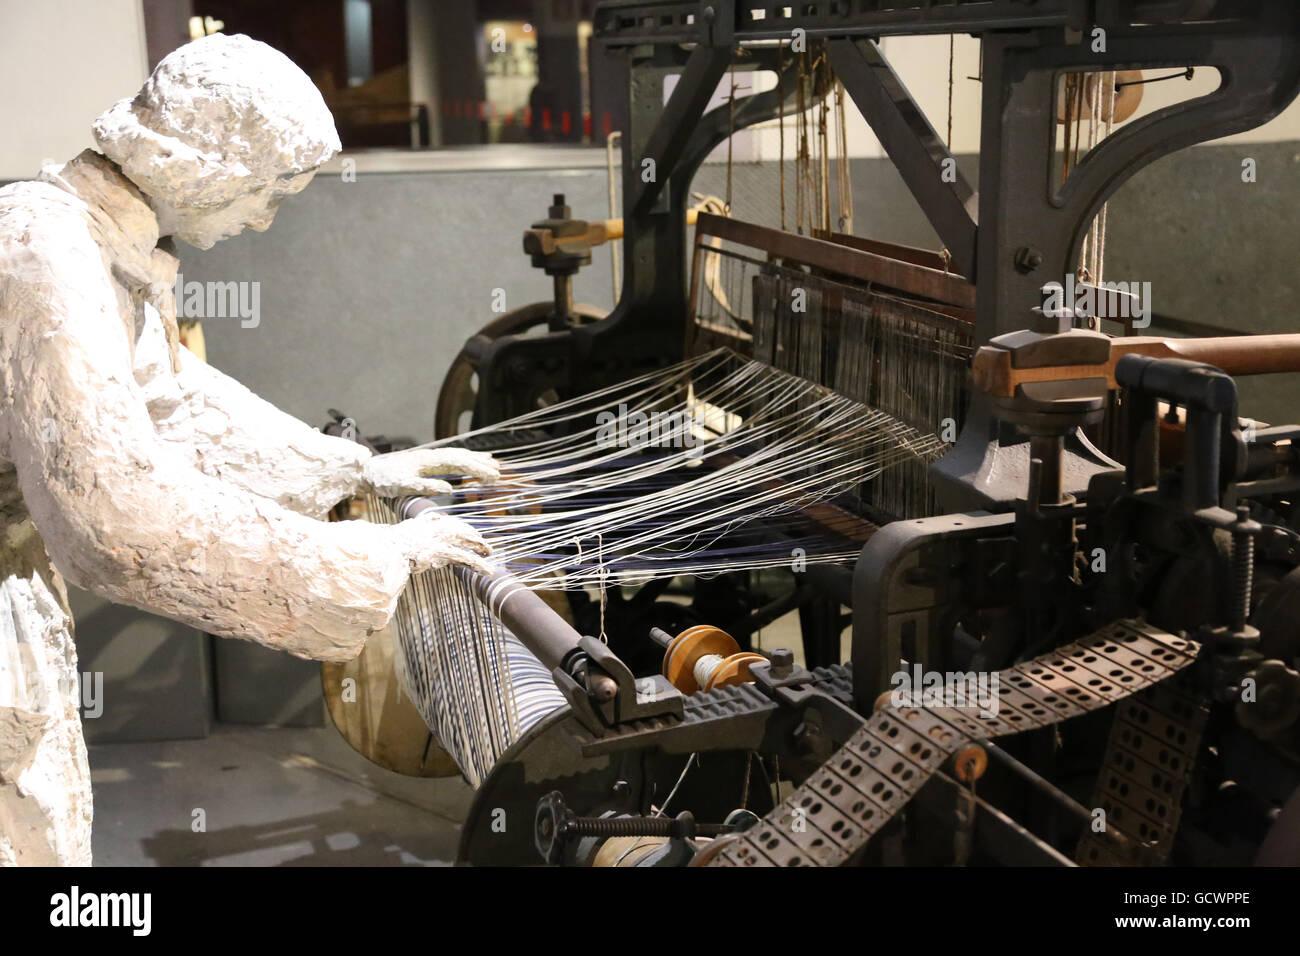 Textilfabriken. des 19. Jahrhunderts. Frau arbeitete in der Textilindustrie. Reproduktion. Spain.Museum die Geschichte Stockbild